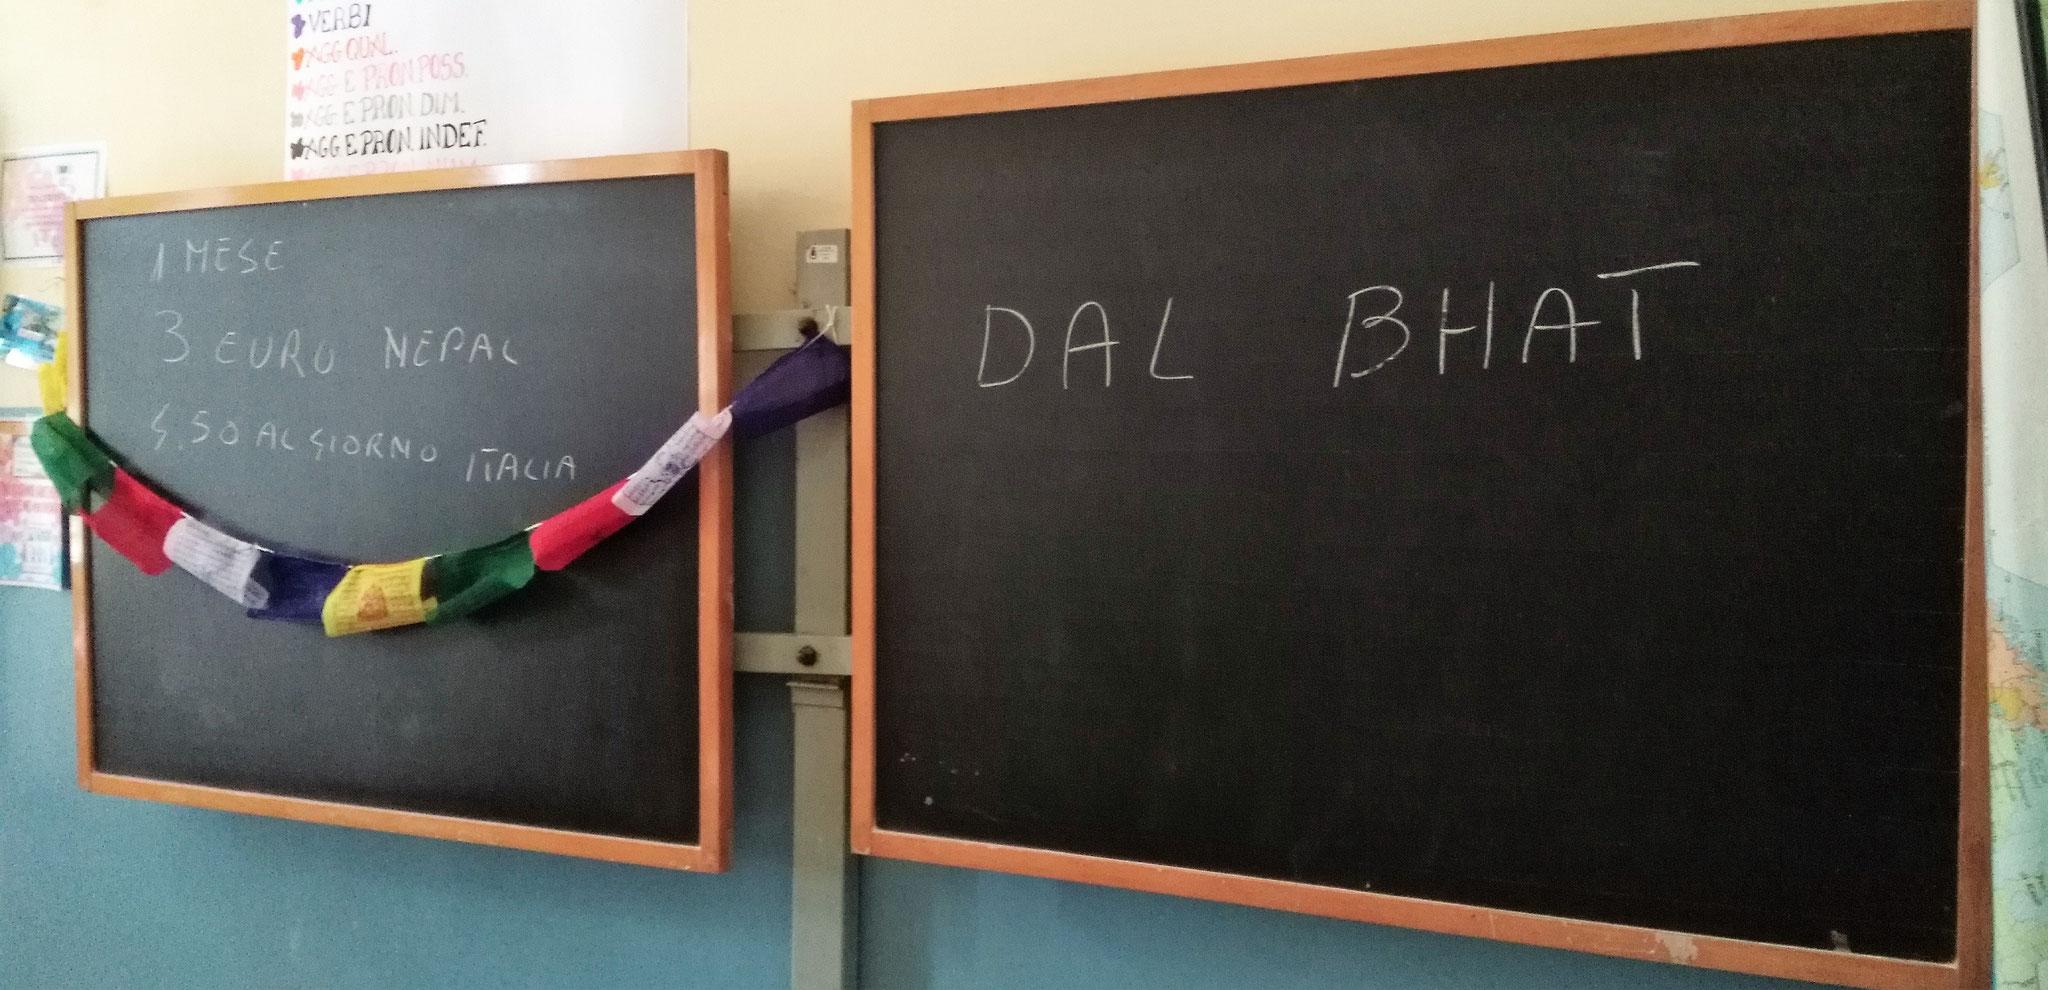 Dal bhat è il nome del pasto che i bambini mangiano a scuola tutti i giorni. Consiste in riso bollito servito assieme ad uno stufato di lenticchie